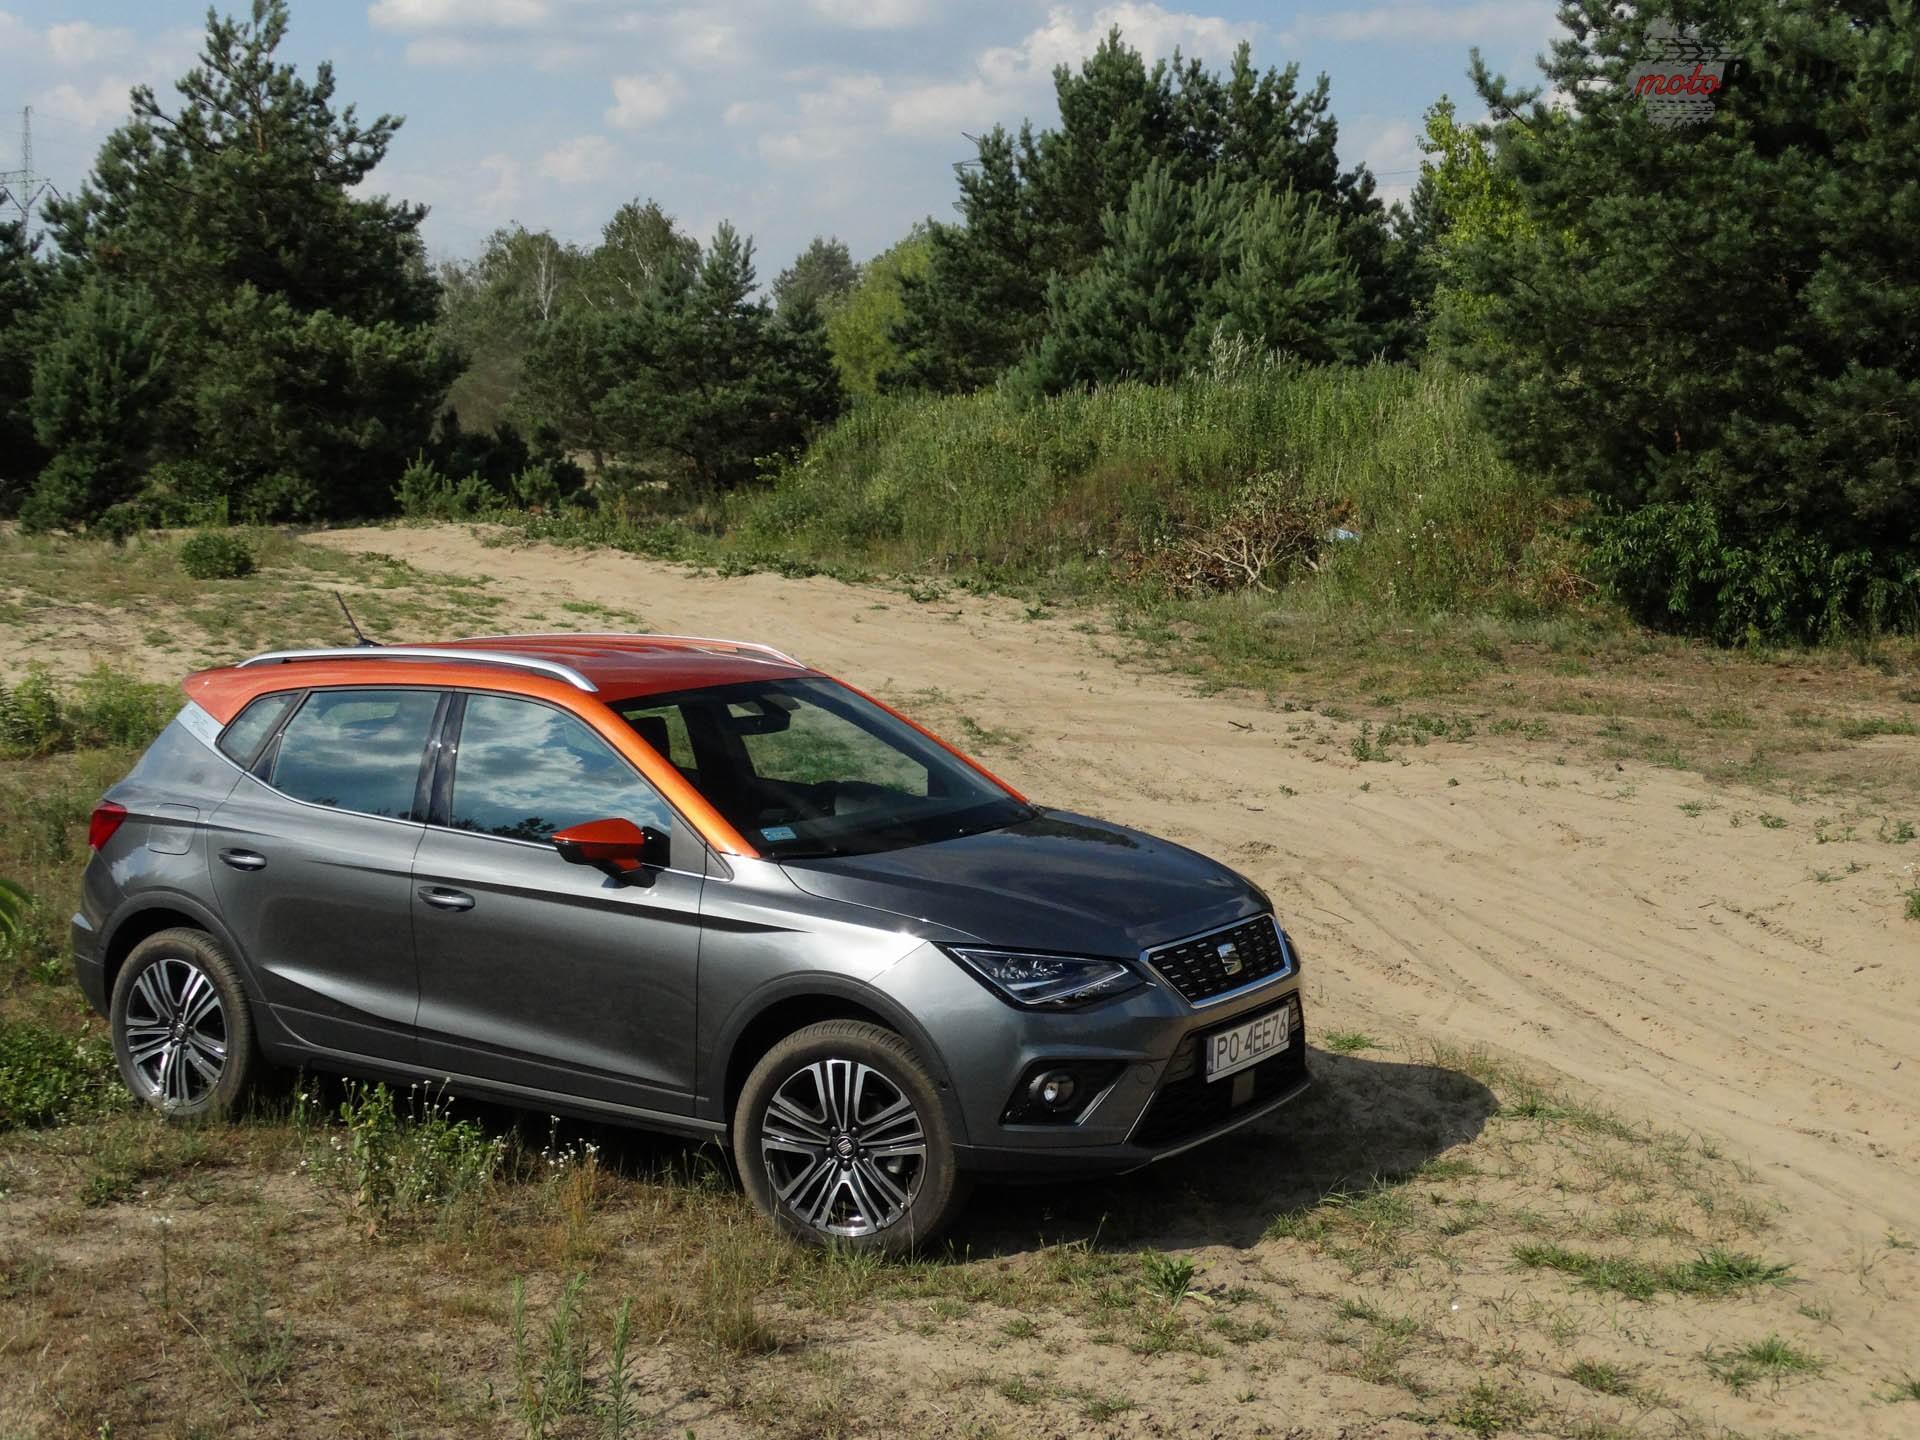 Seat Arona 7 Porównanie: Hyundai Kona 1.0 kontra Seat Arona 1.0